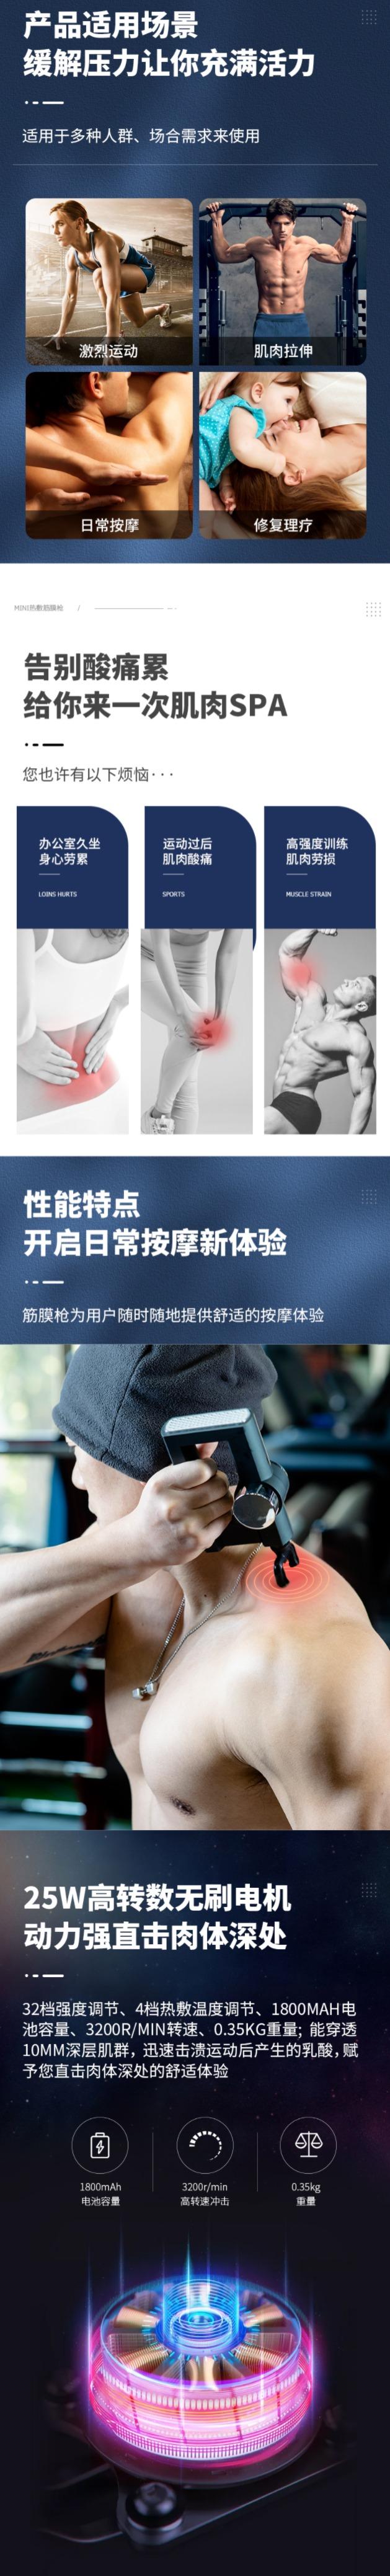 白菜价!CORNMI 迷你超便携 智能温控热敷 筋膜枪/按摩枪 39.99加元包邮!